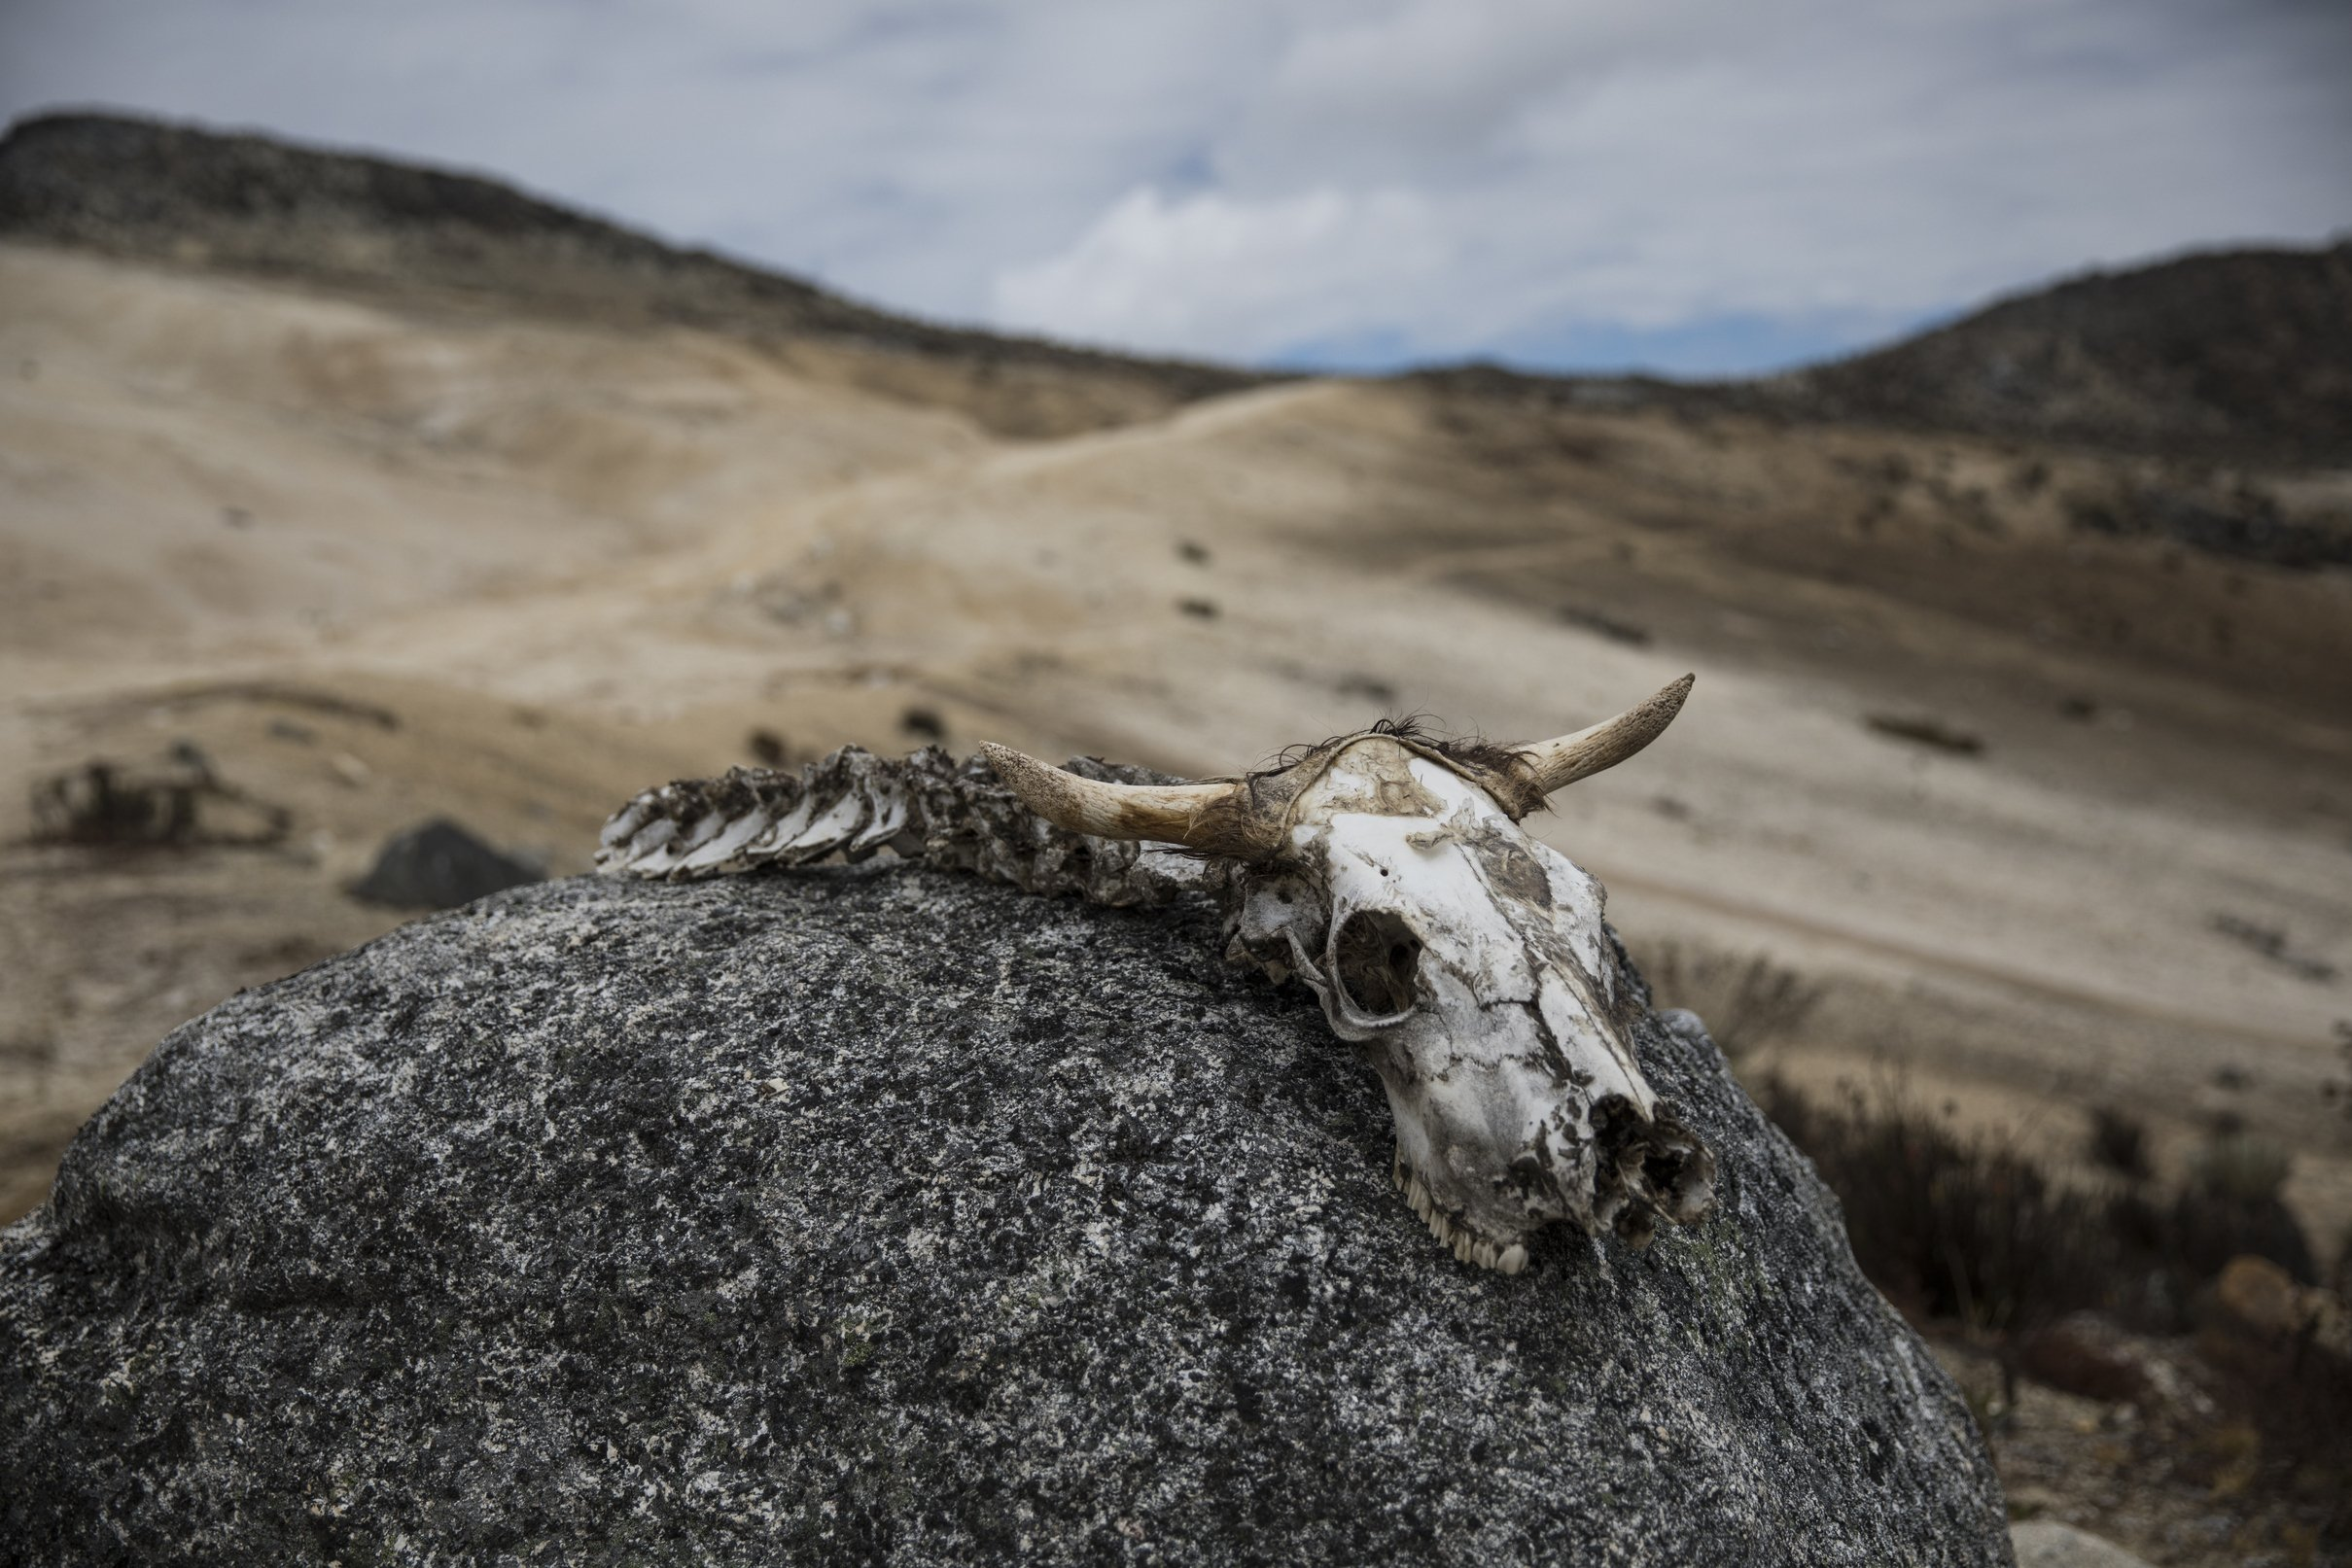 Hardy scientists trek to Venezuela's last glacier amid chaos